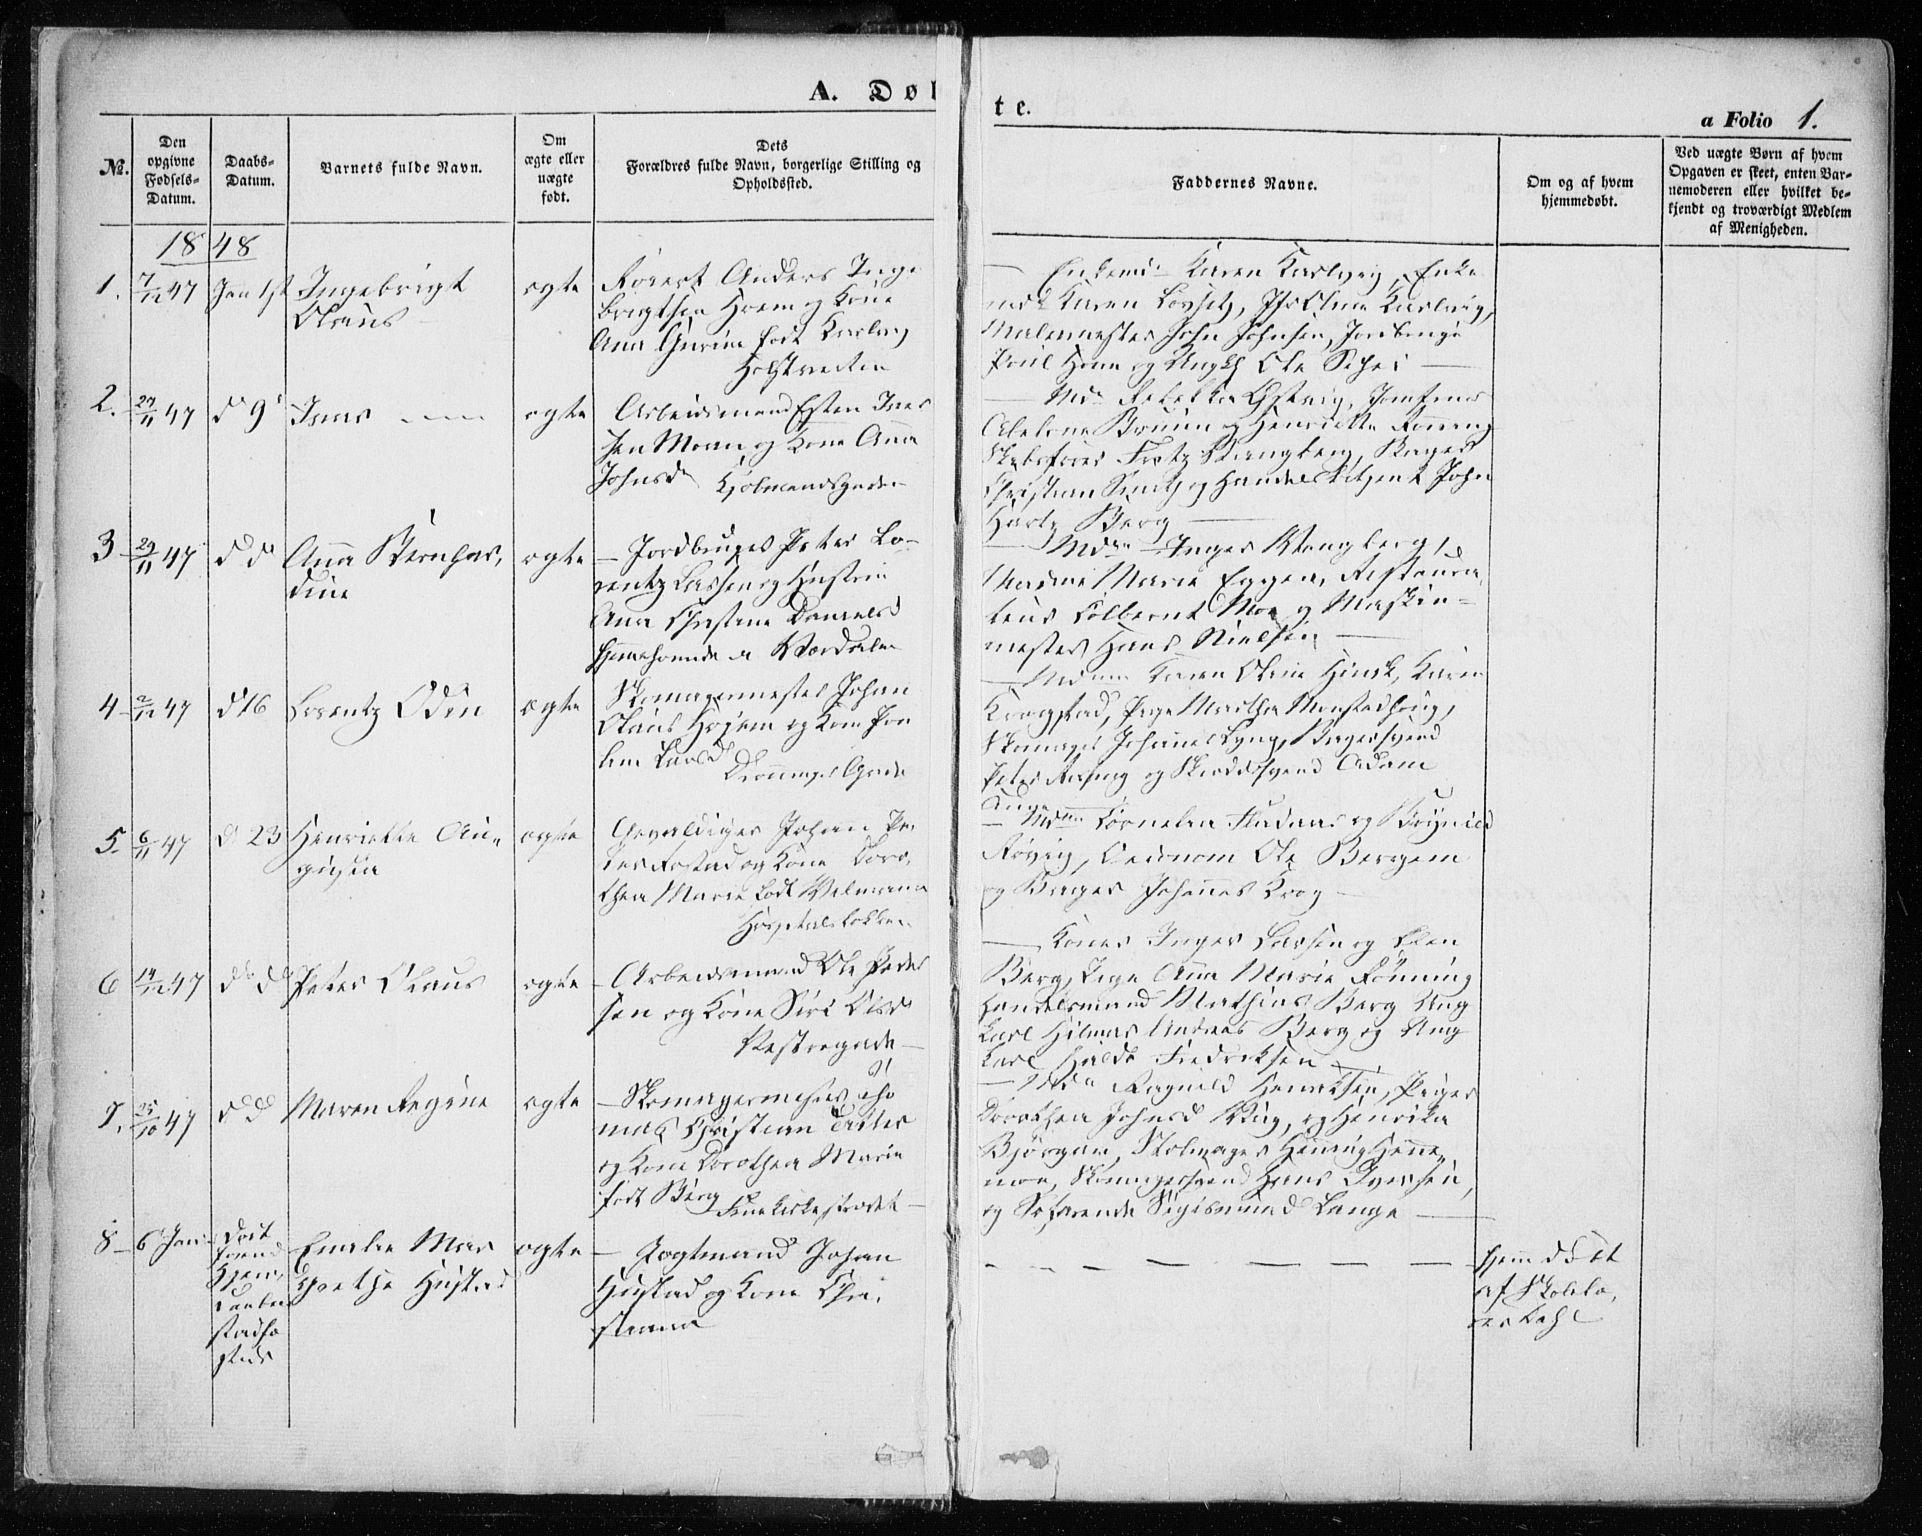 SAT, Ministerialprotokoller, klokkerbøker og fødselsregistre - Sør-Trøndelag, 601/L0051: Ministerialbok nr. 601A19, 1848-1857, s. 1